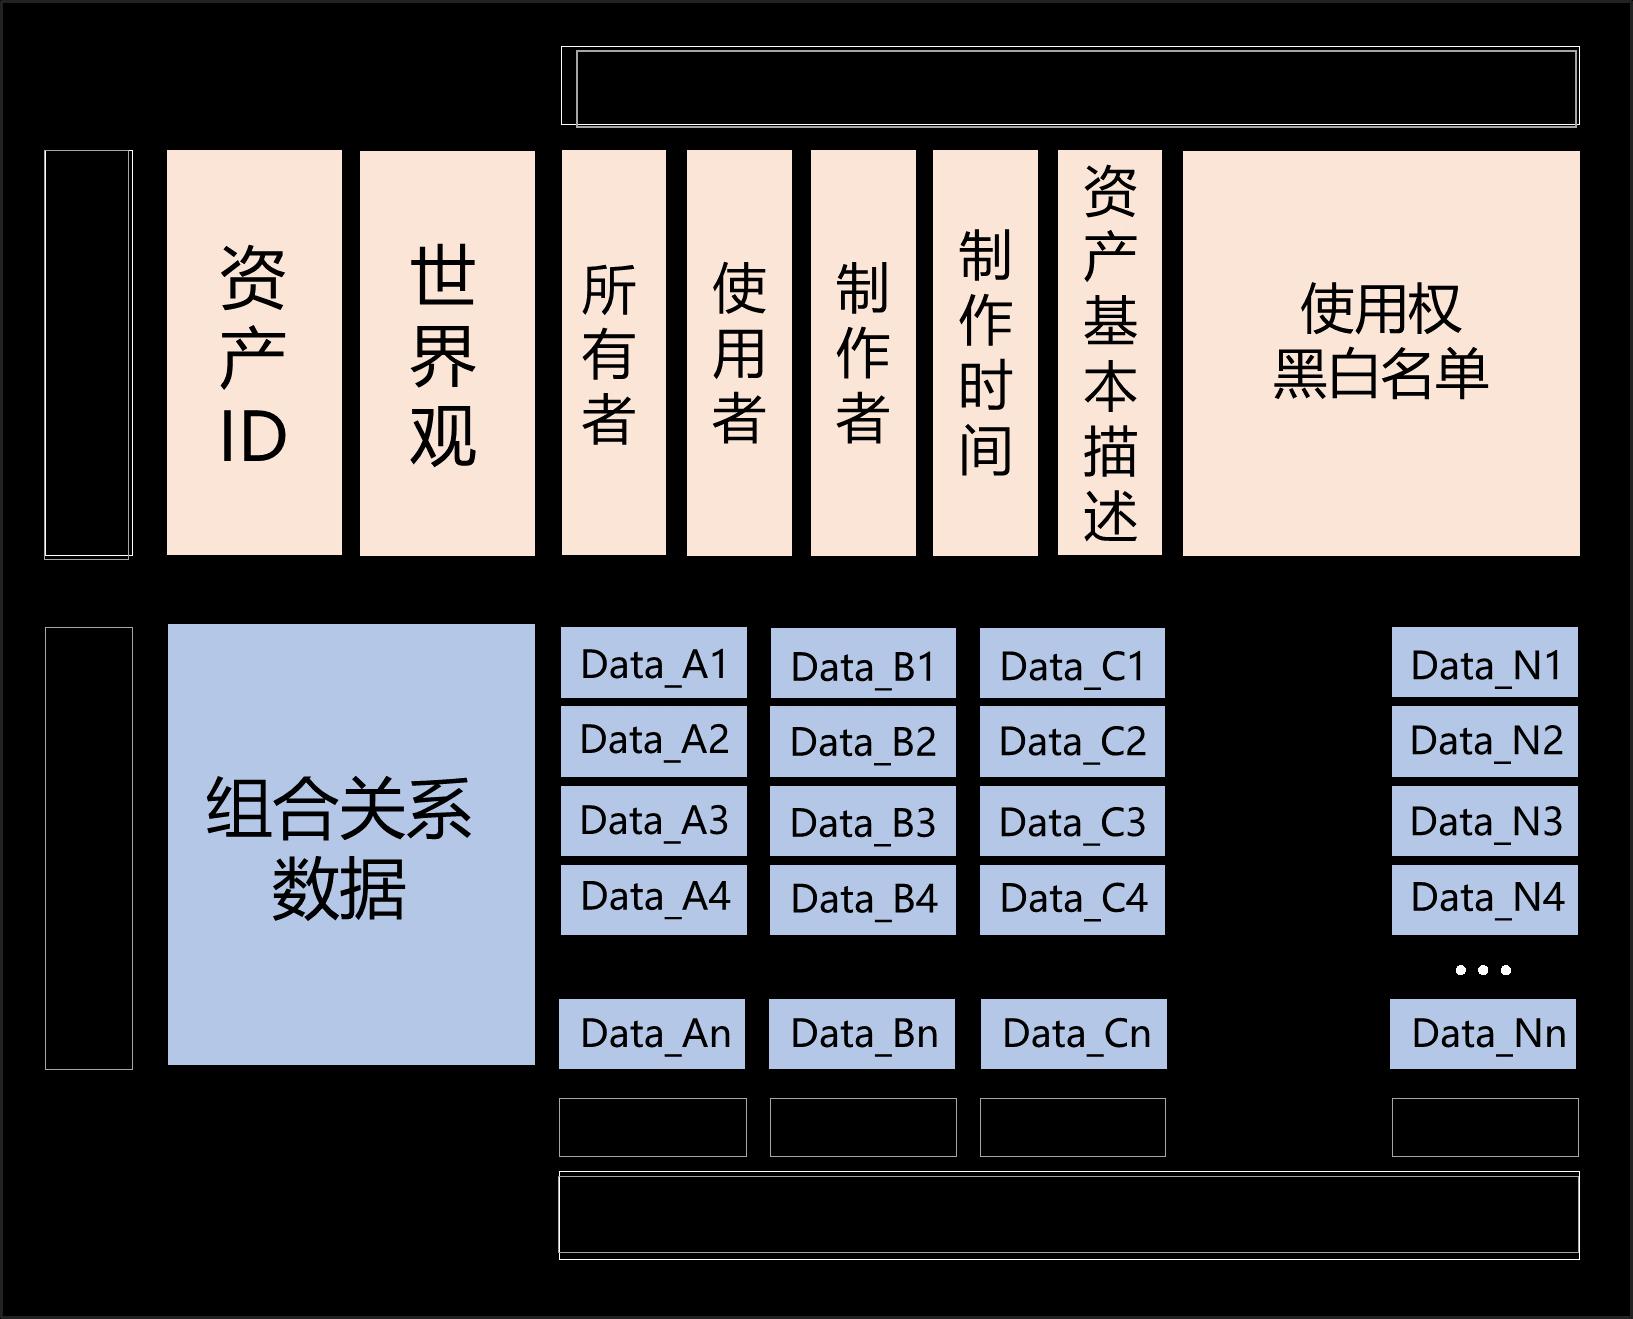 3-2-5 非同质数字资产各部关系与数据结构图